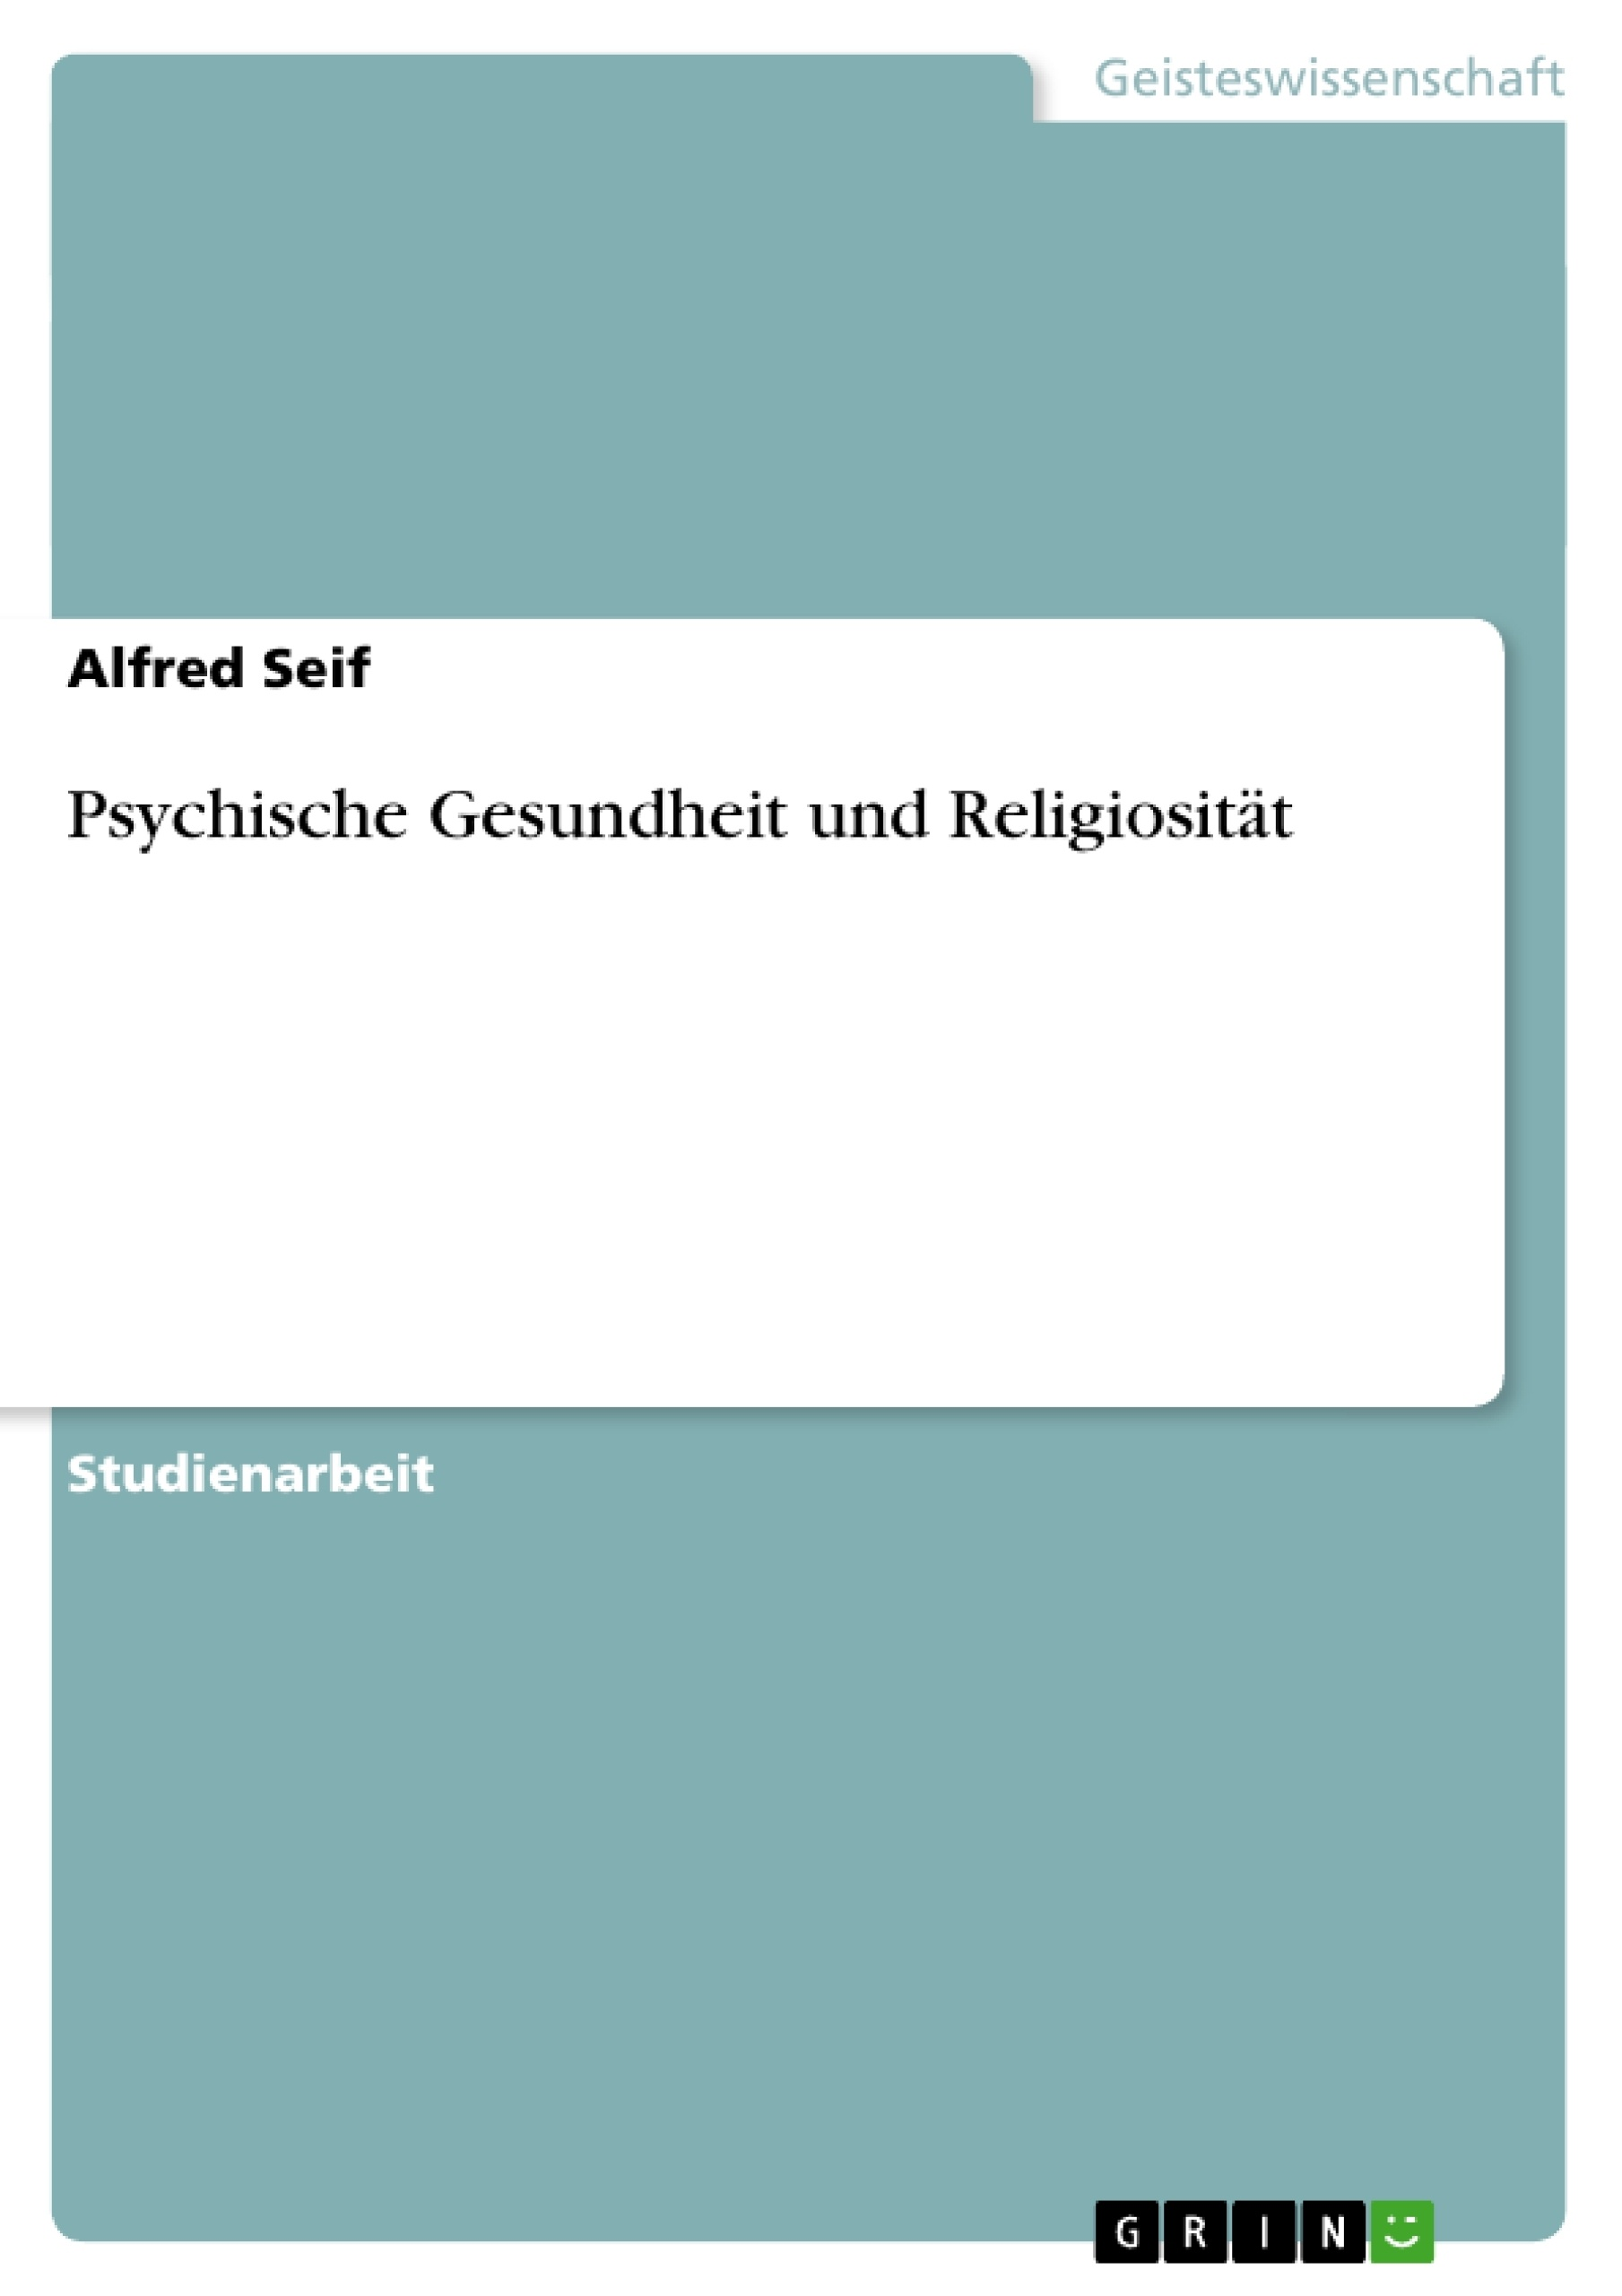 Titel: Psychische Gesundheit und Religiosität